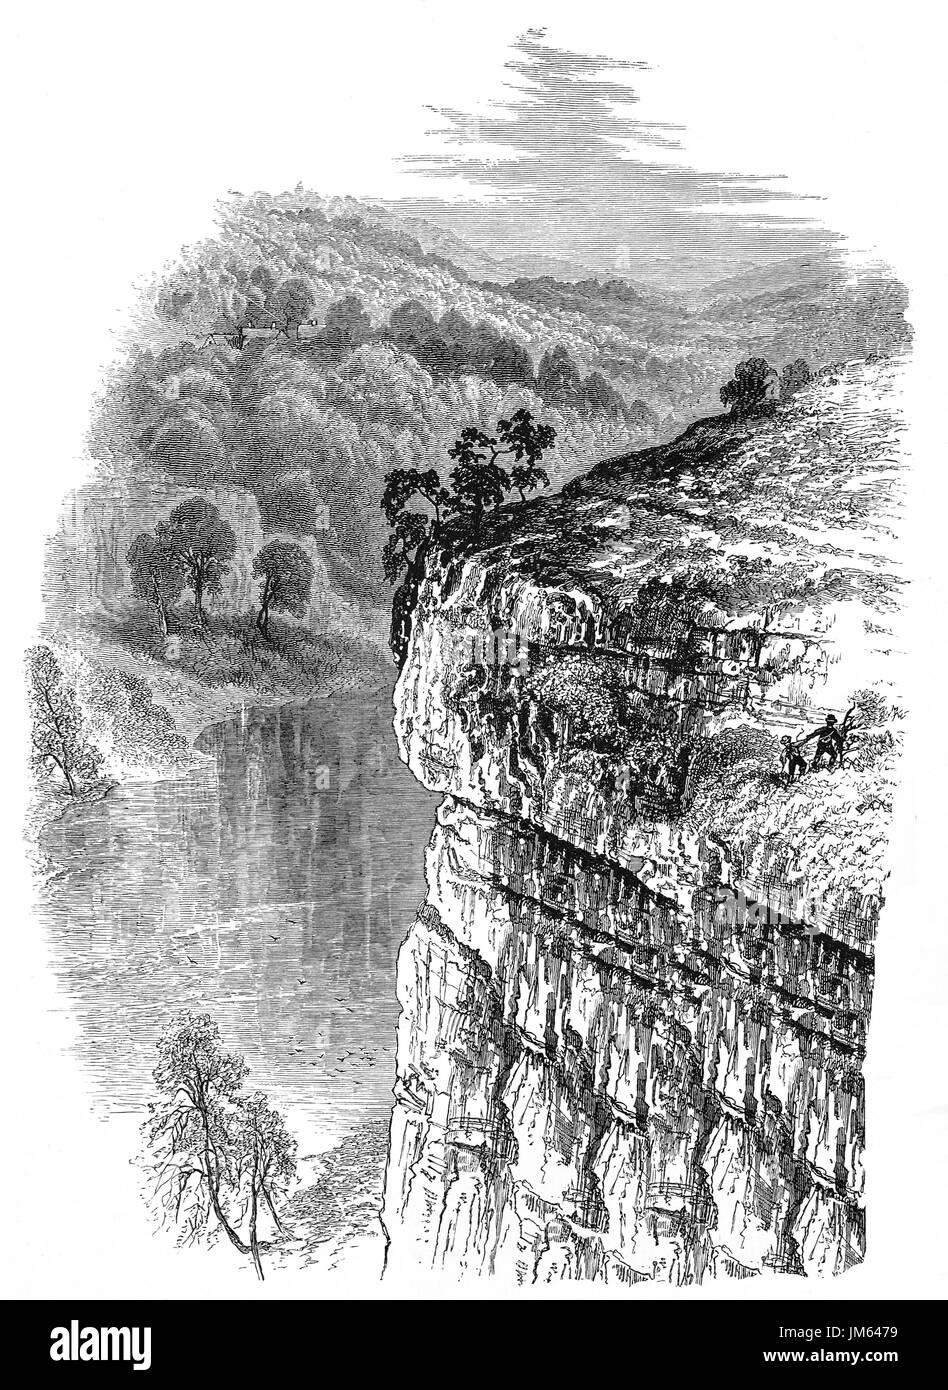 1870: caminantes en acantilados con vistas Lytton o Litton vale en el Peak District de Derbyshire, Inglaterra Foto de stock